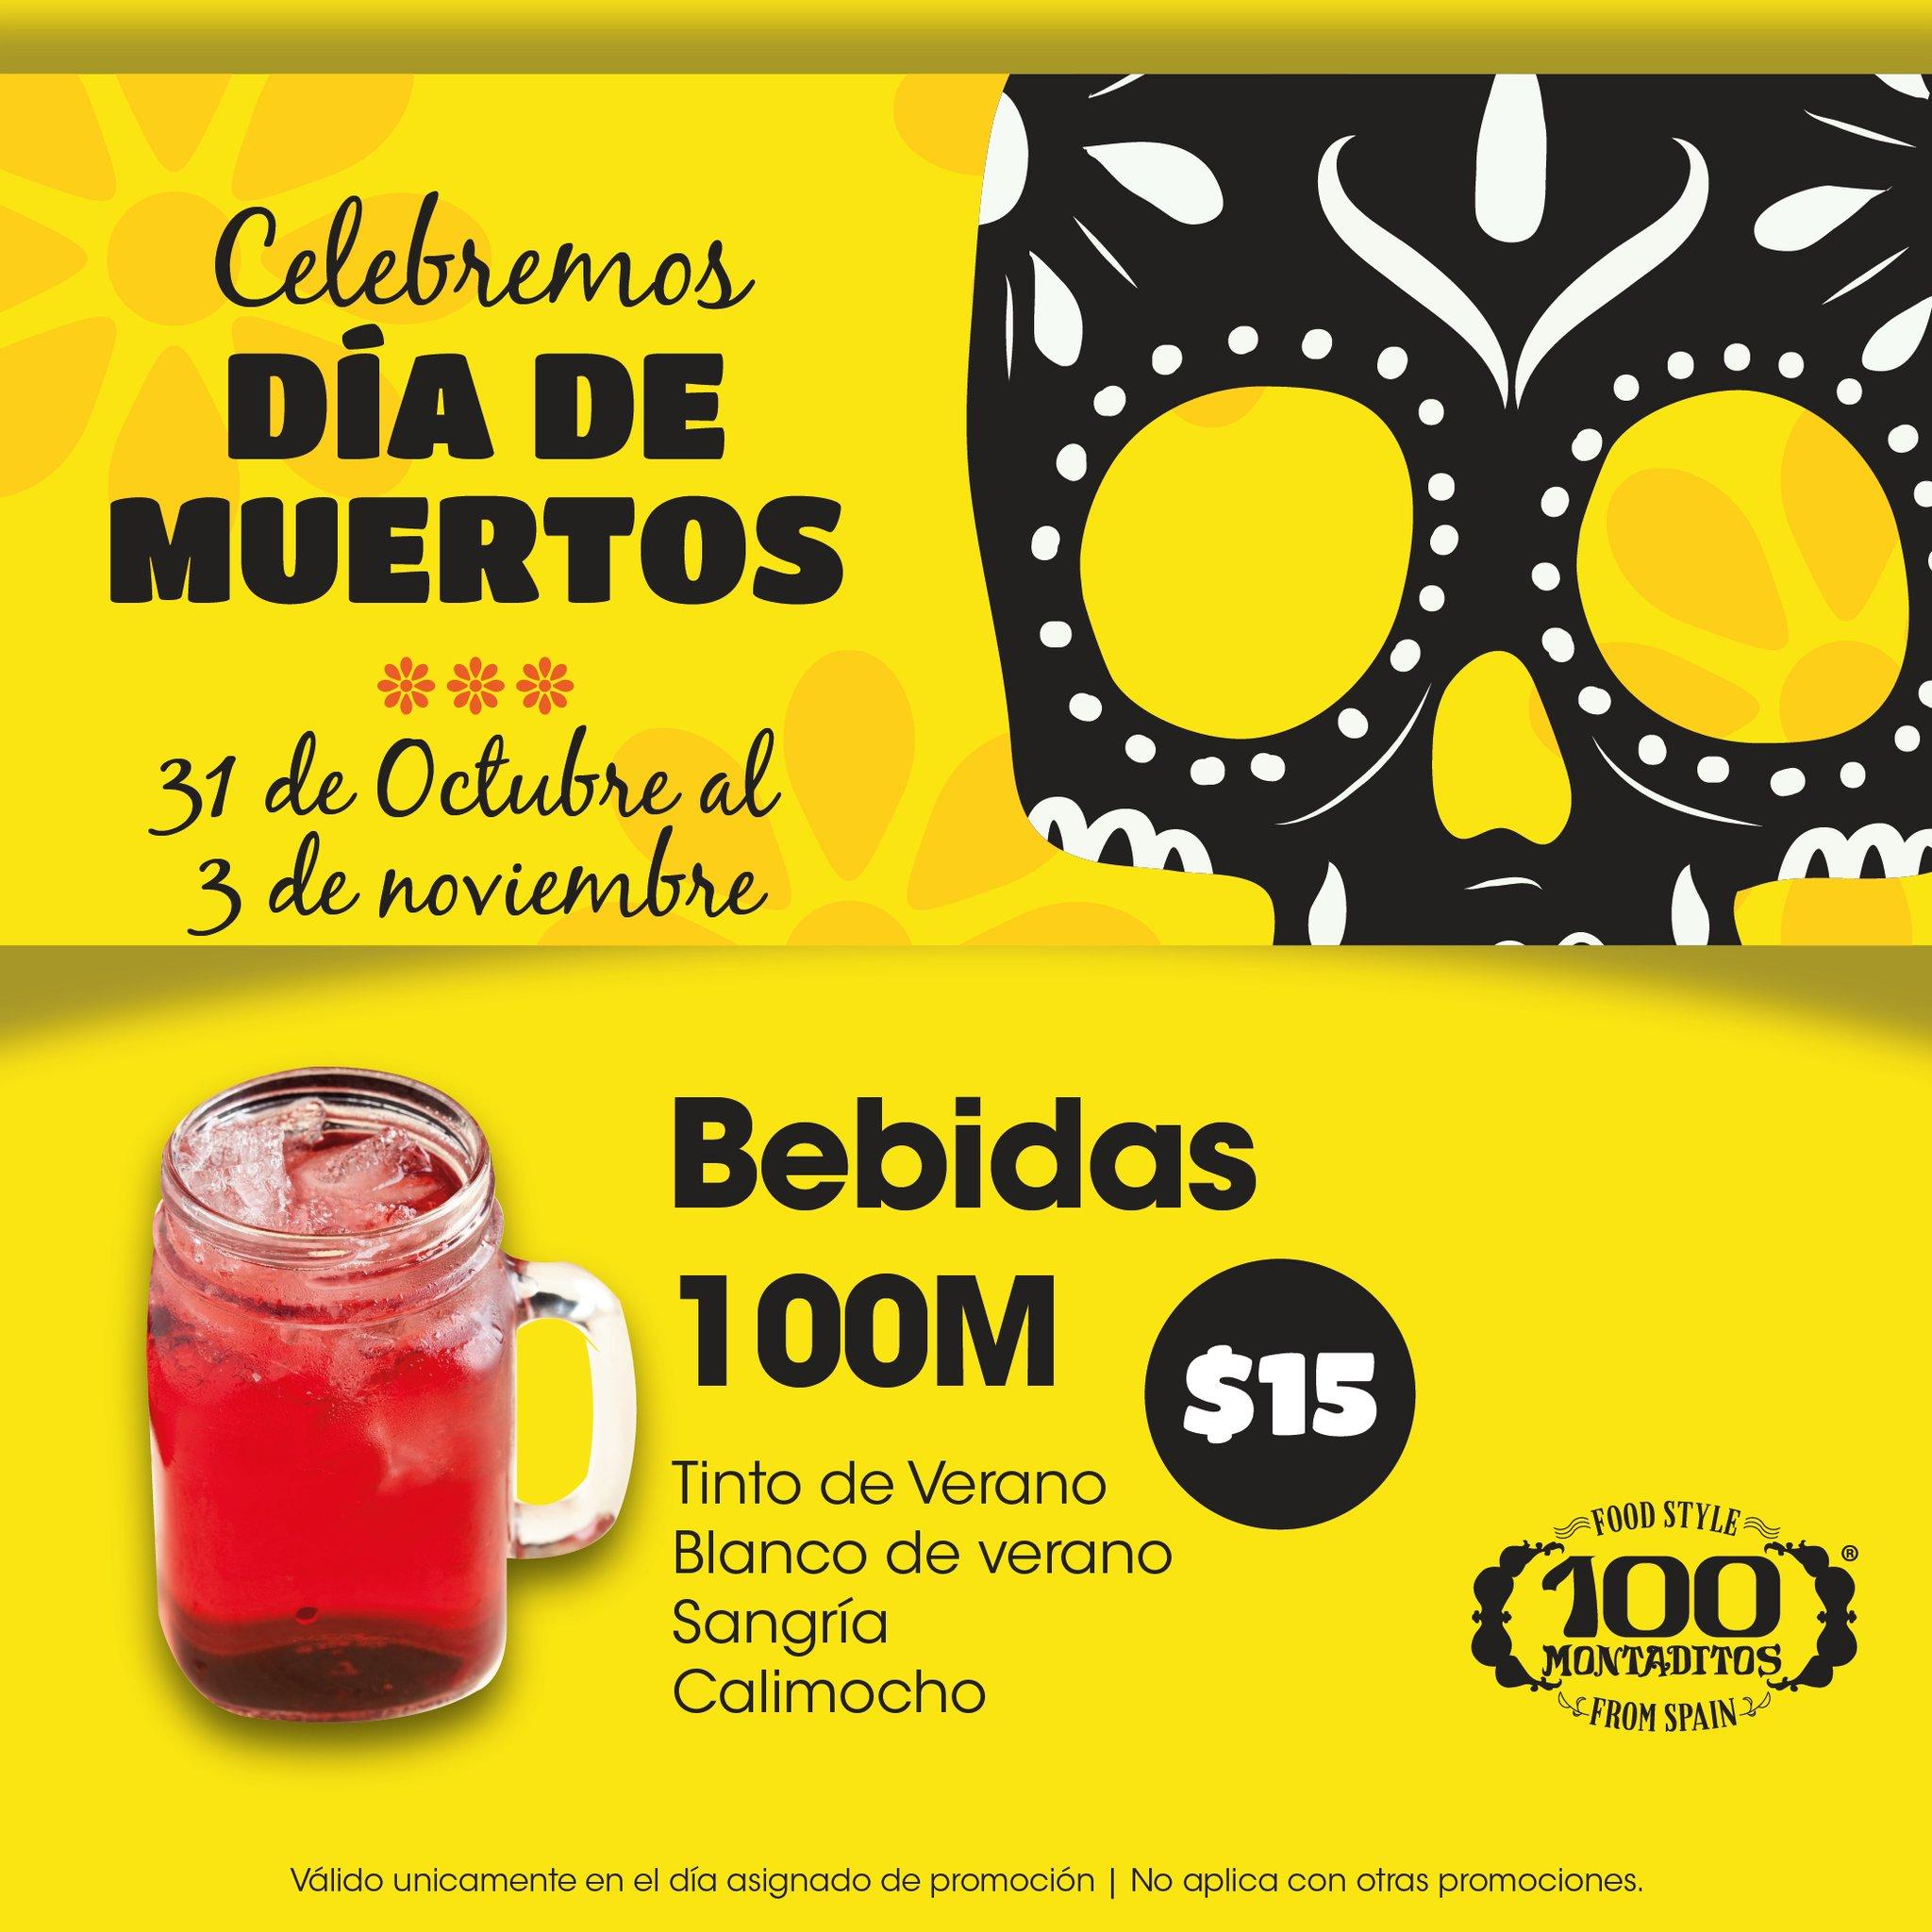 100 Montaditos: Bebidas a $15 (CDMX)